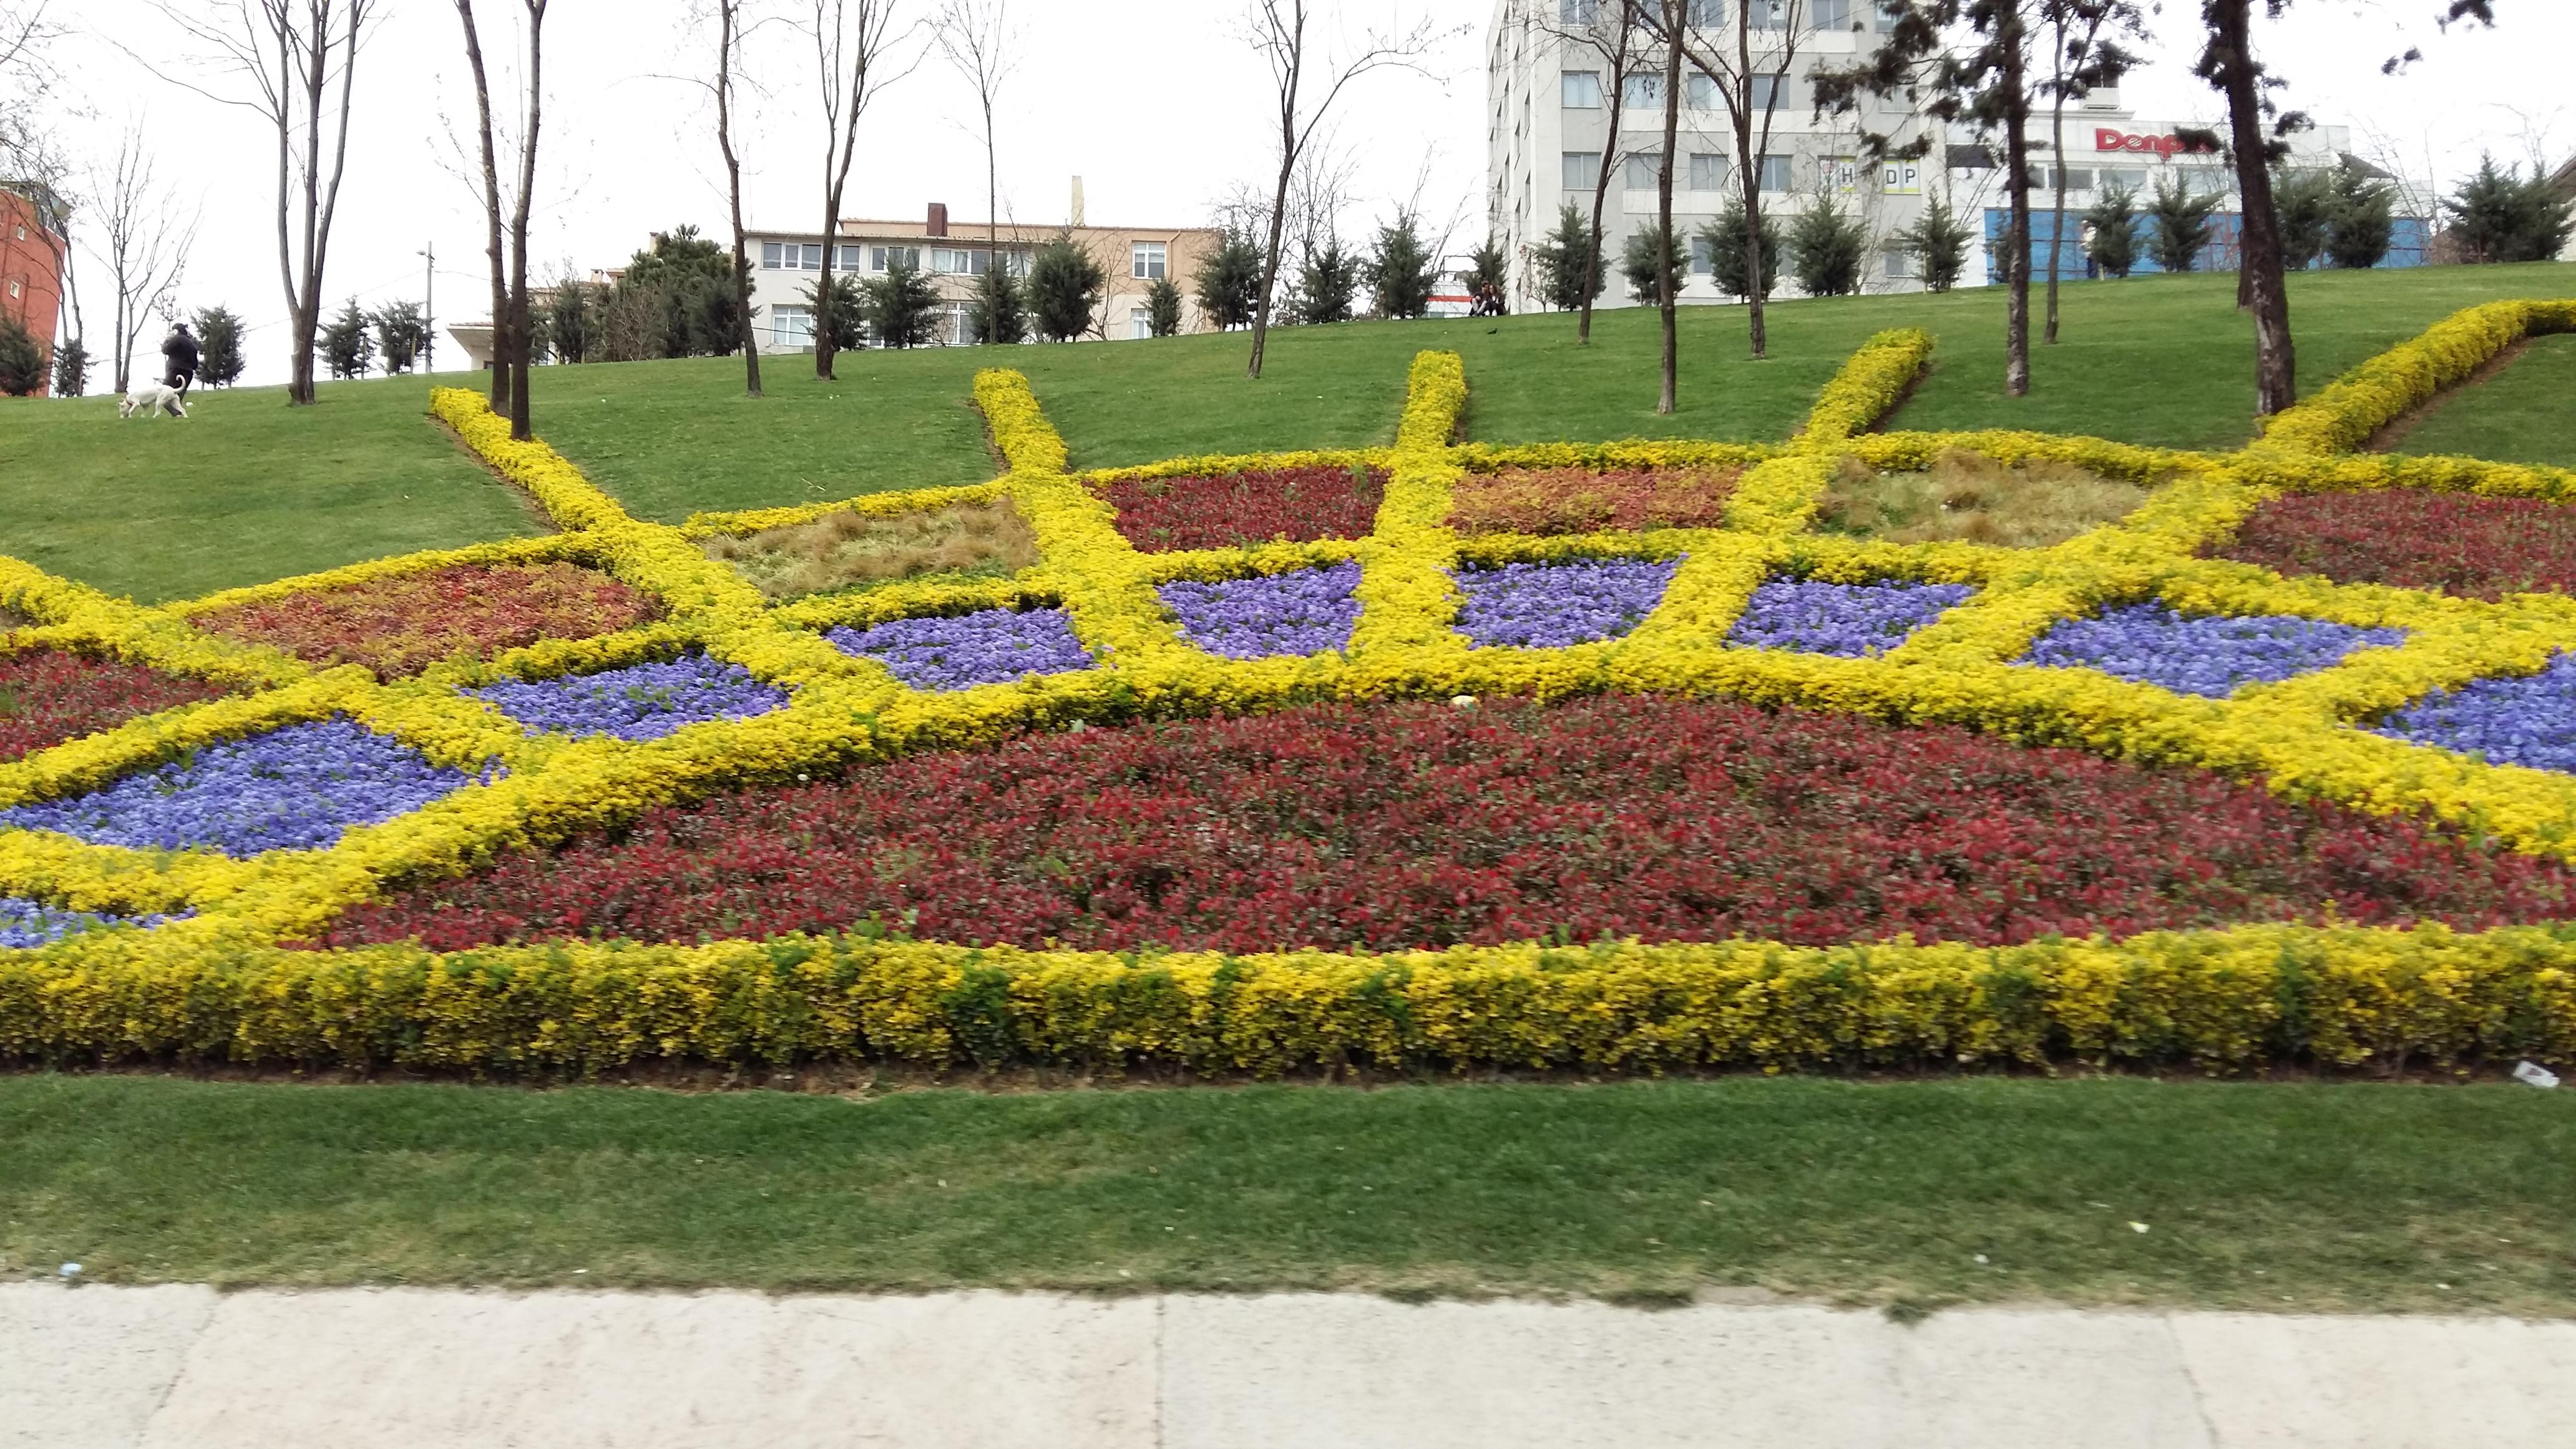 Crônicas de Istambul: Foram-se as tulipas, chegaram as rosas e azaleias!